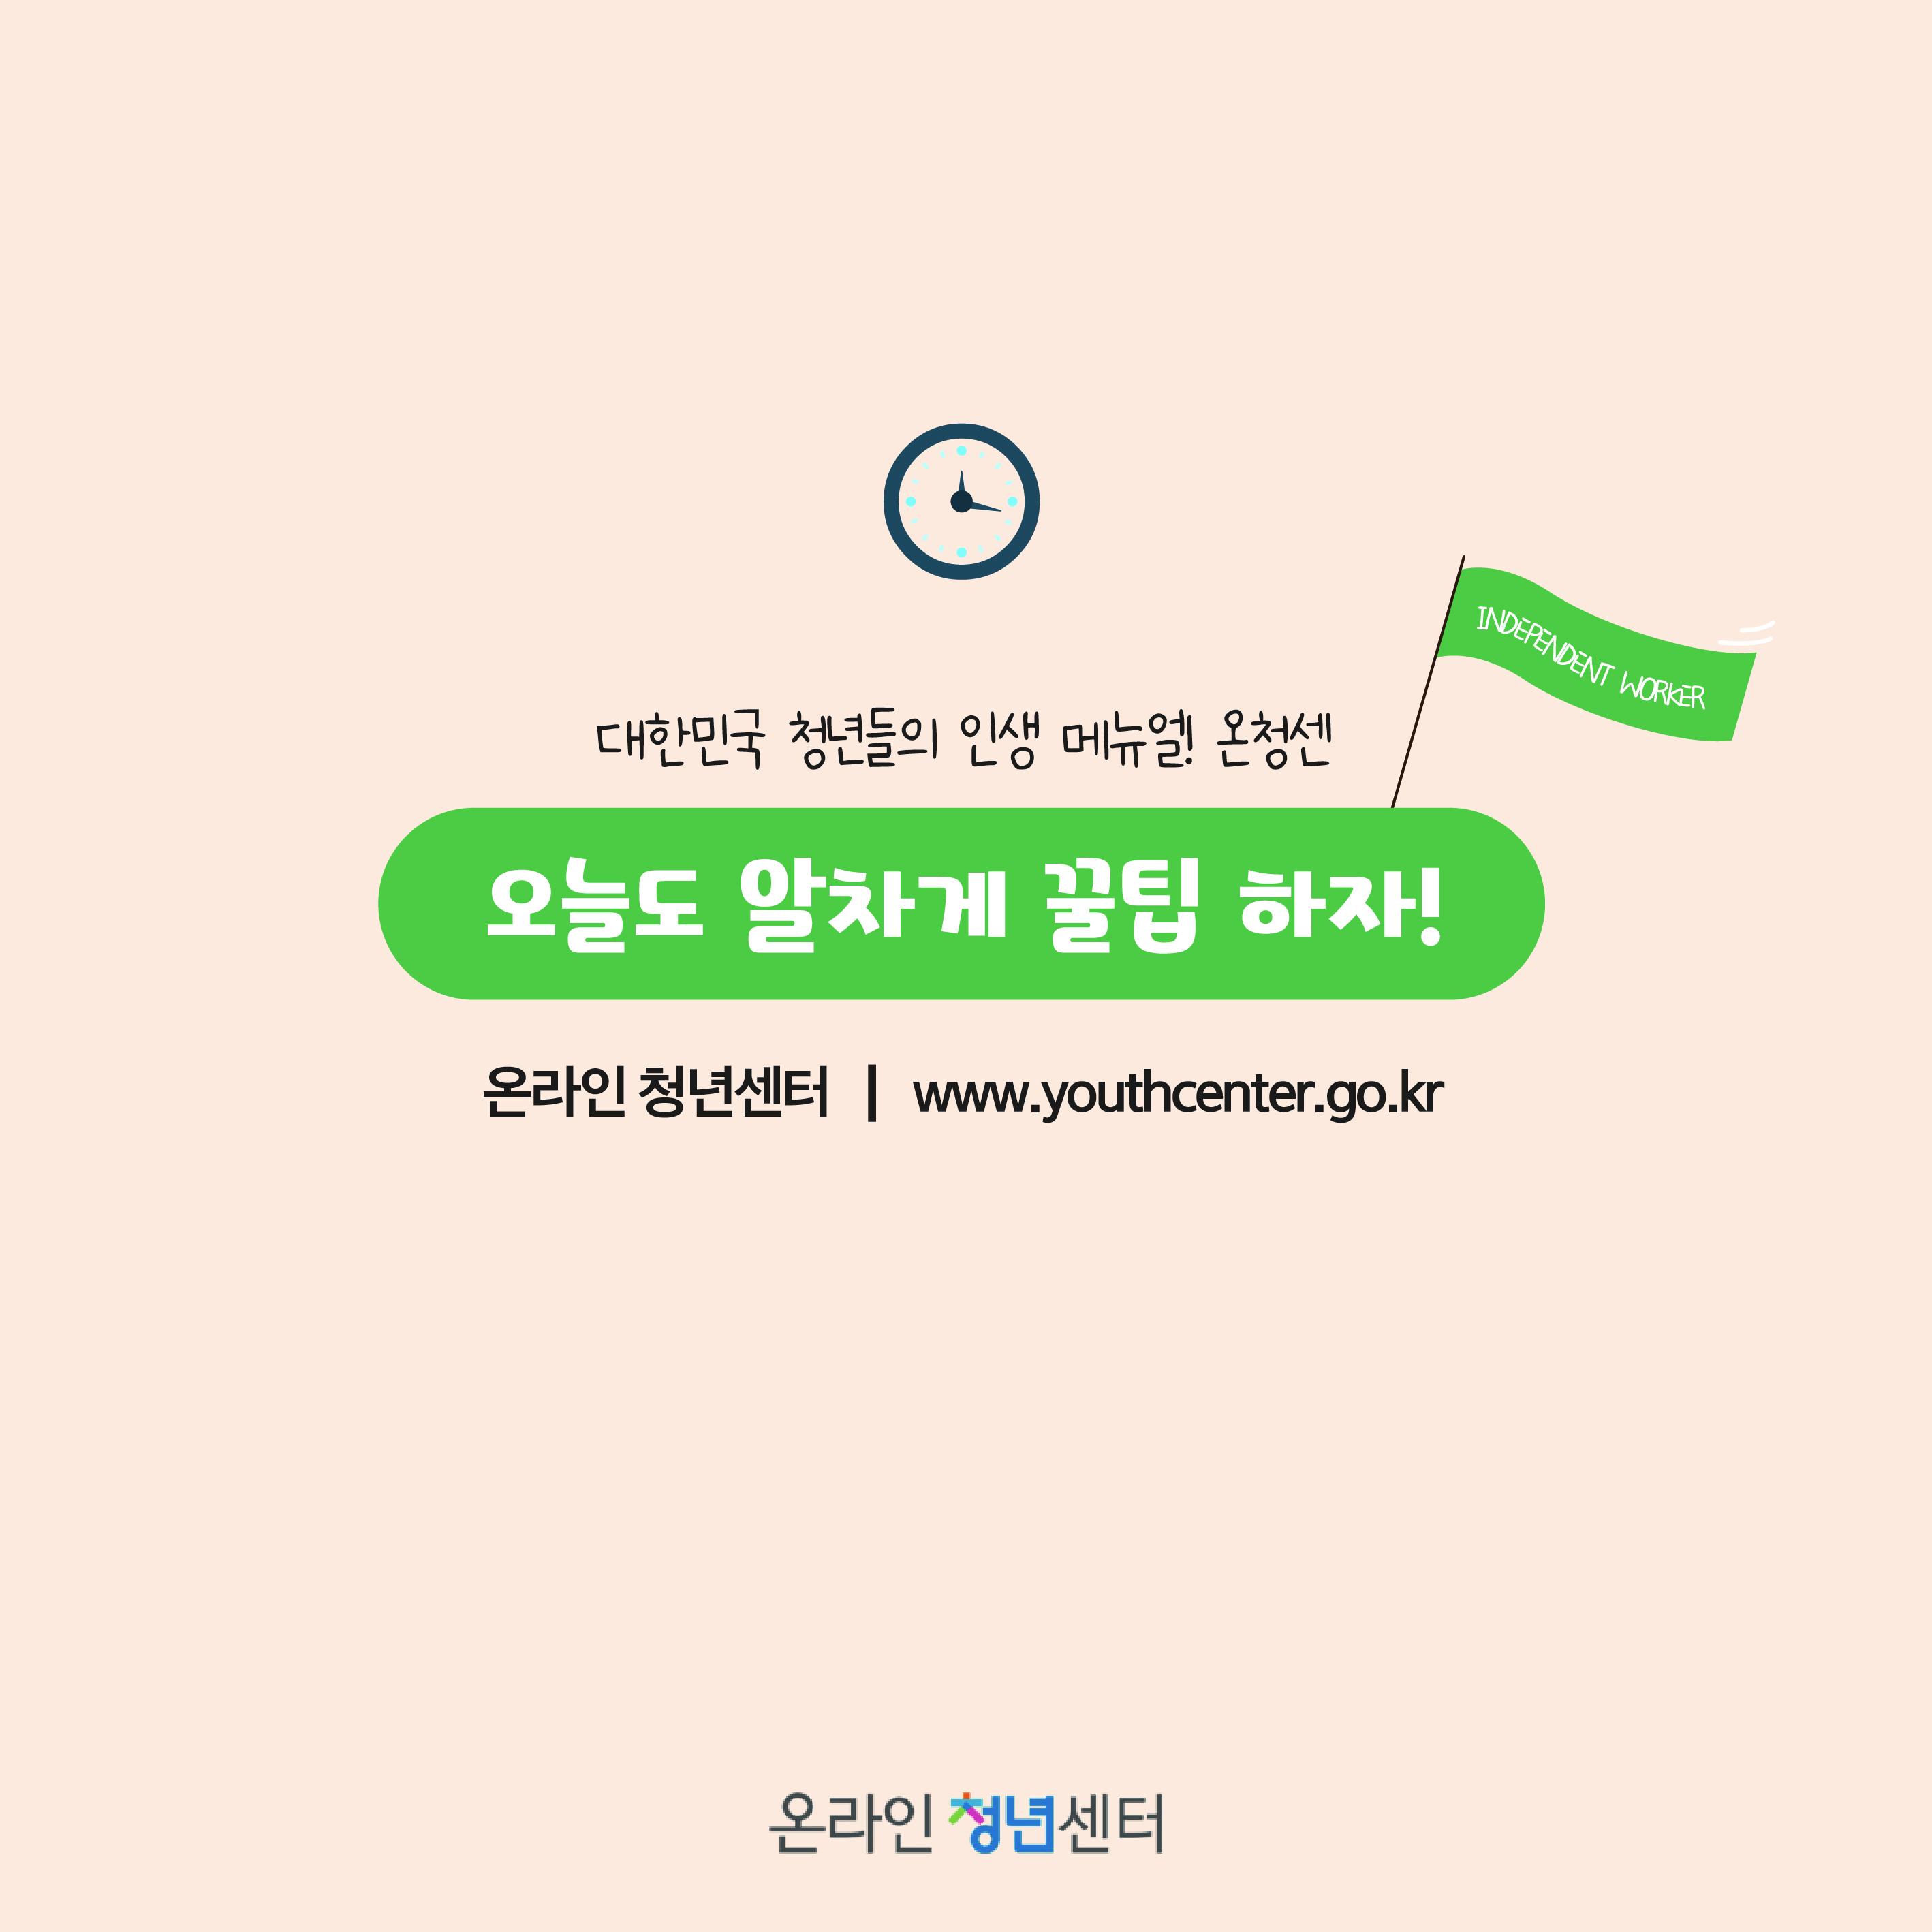 대한민국 청년들의 인생 메뉴얼! 온청센, 오늘도 알차게 꿀팁하자! 온라인청년센터, www.youthcenter.go.kr